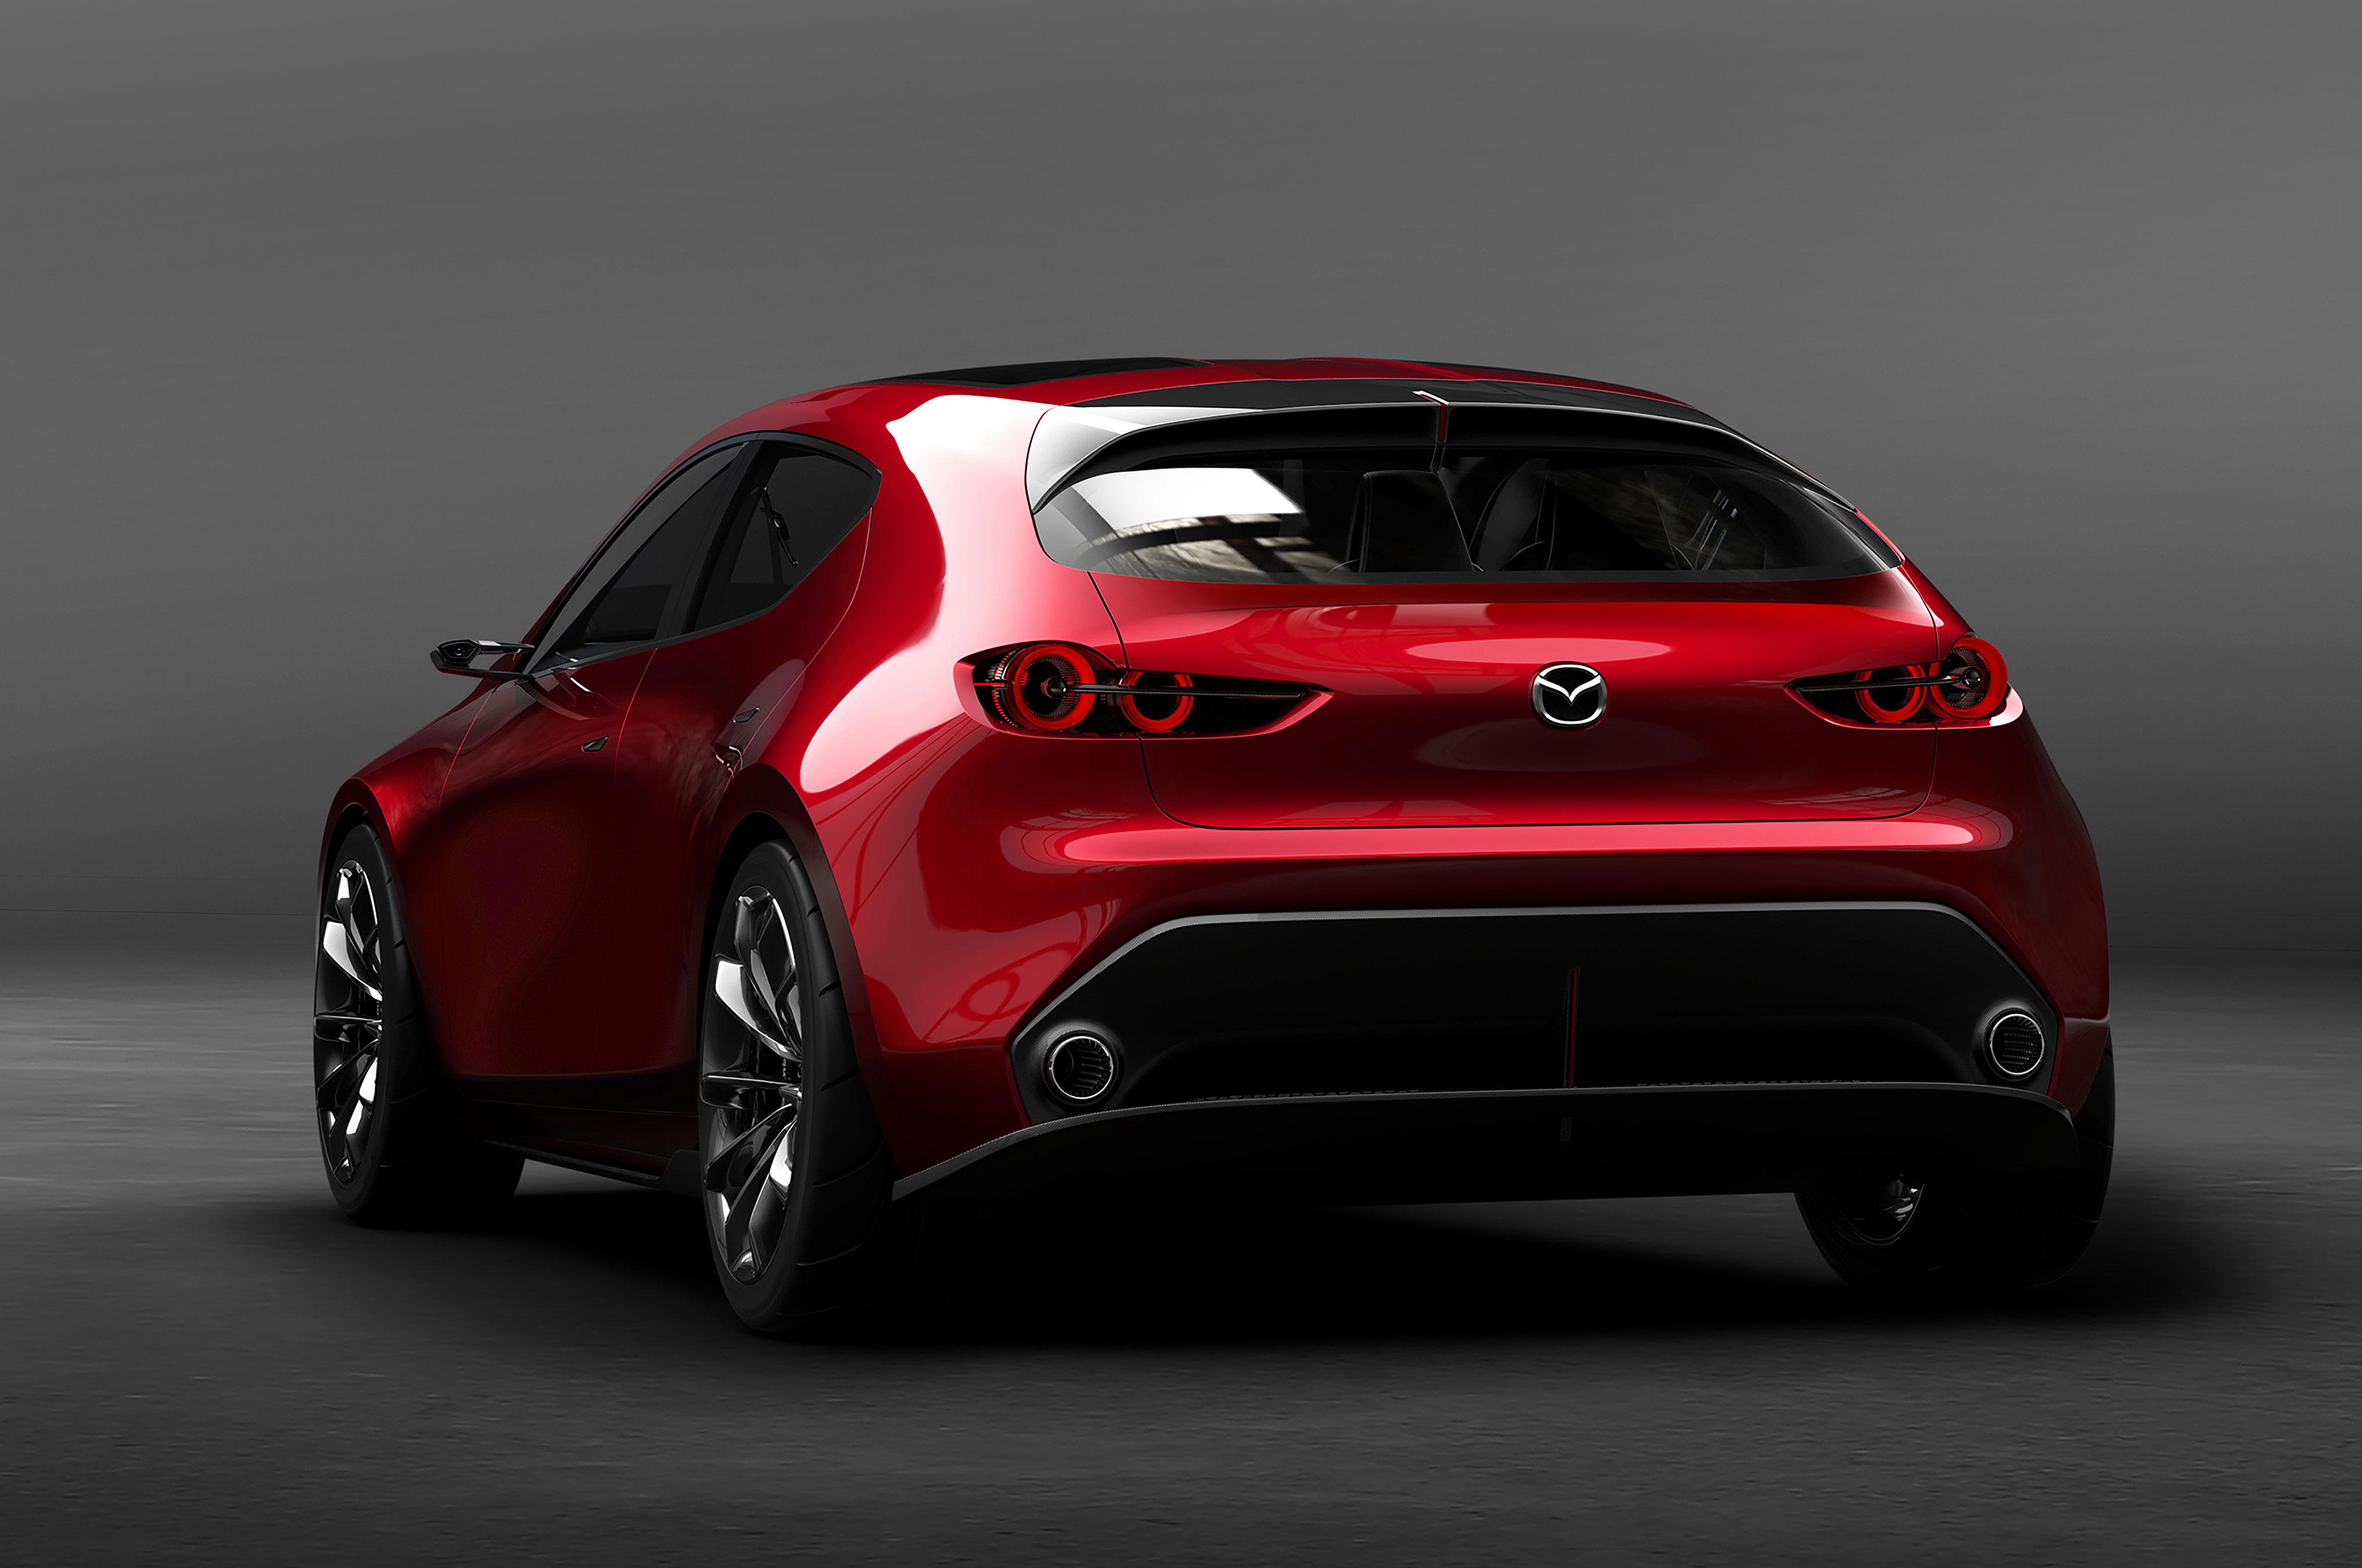 Автосалон в Токио: Mazda представила «самый элегантный автомобиль» 3